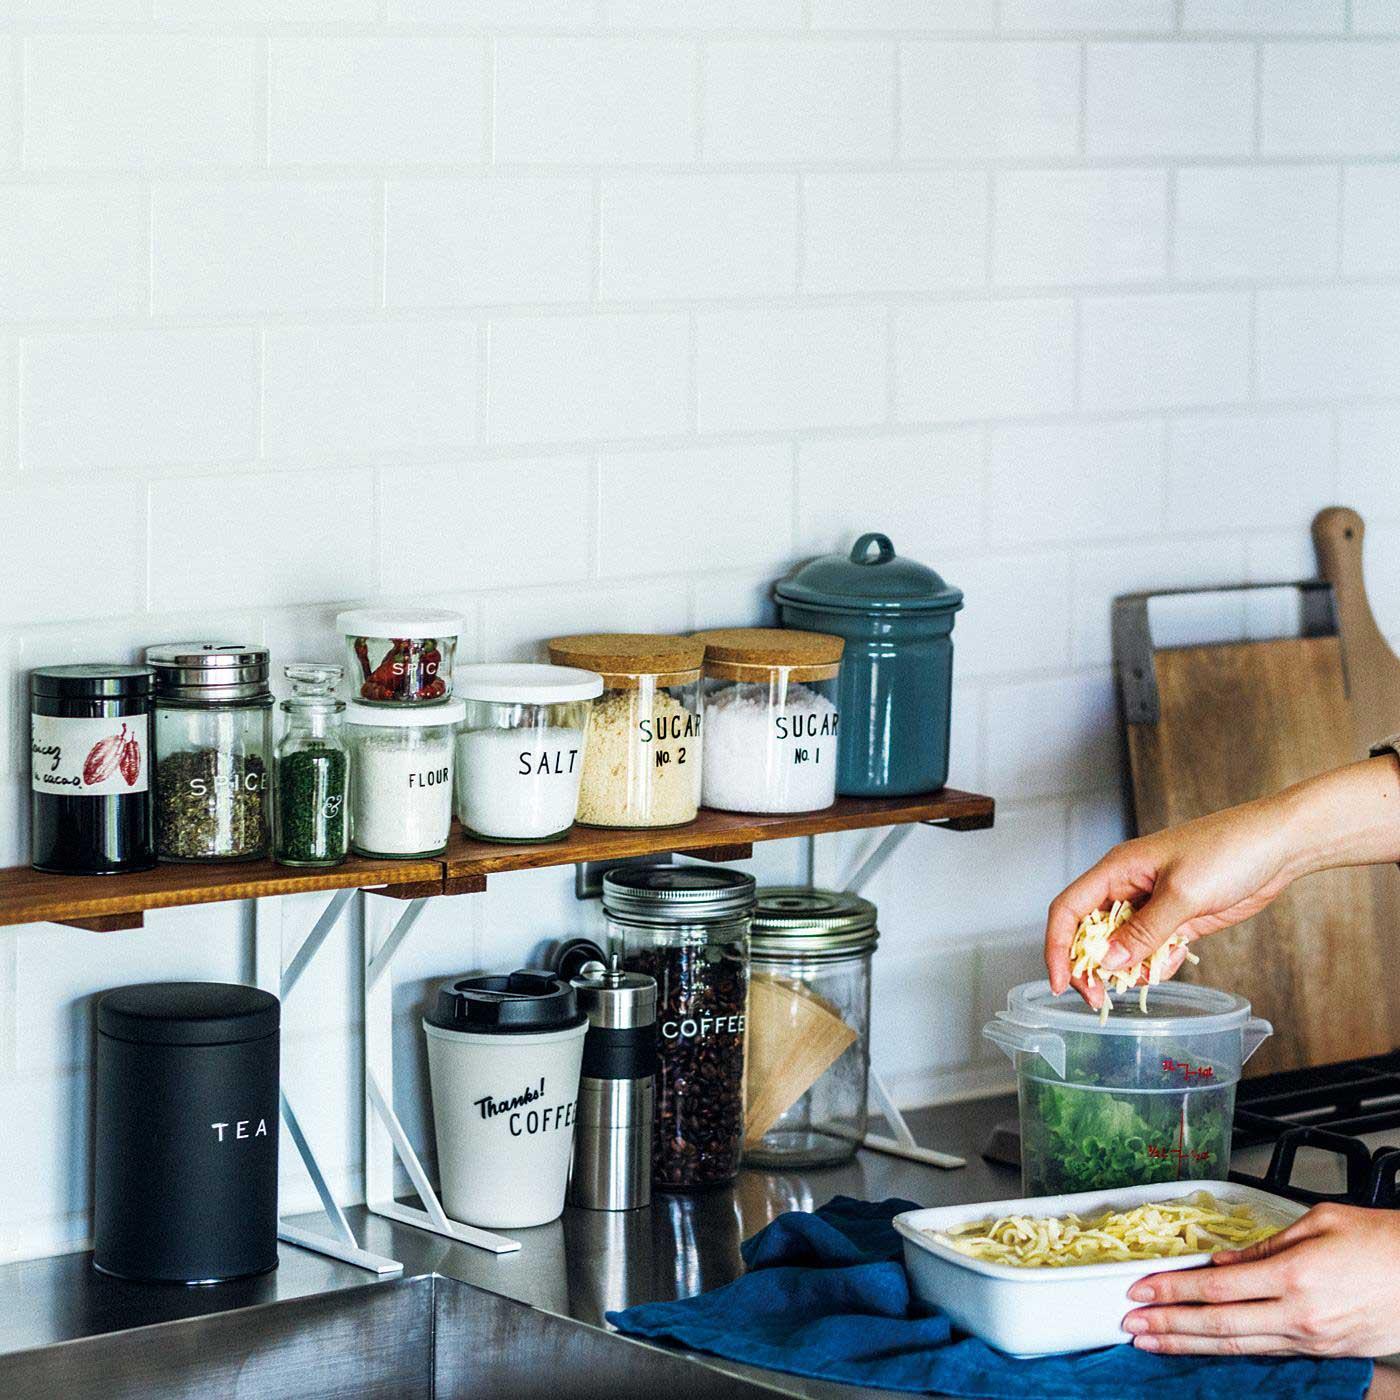 ごちゃつきやすい調味料もすっきり取り出しやすく。使いやすいキッチンに!